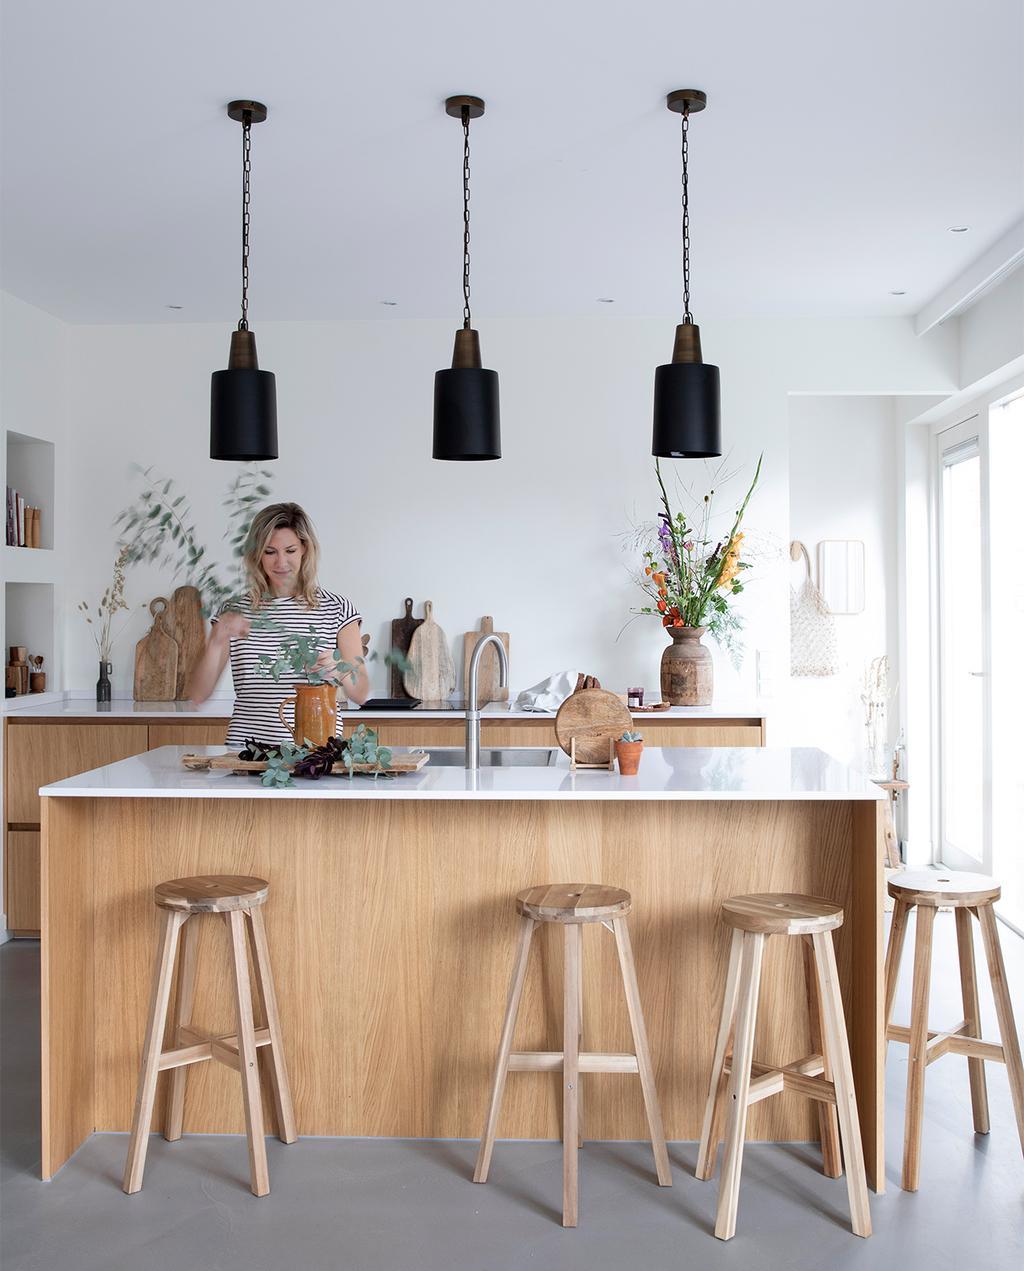 vtwonen 08-2021 | keukeneiland met houten barkrukken en zwarte hanglampen